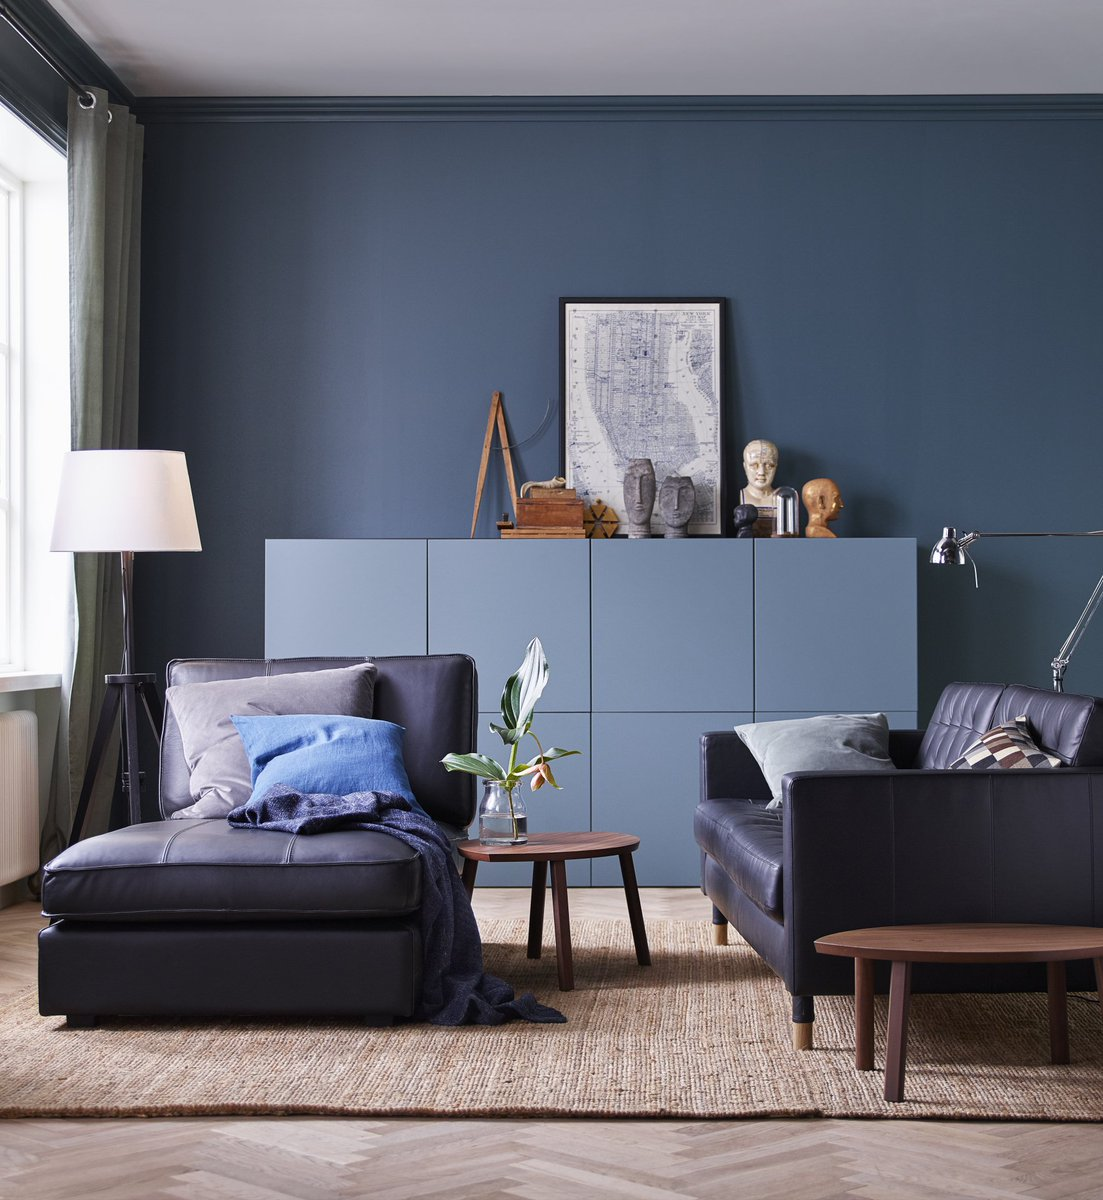 """IKEA Nederland on Twitter: """"Ideeën opdoen voor de woonkamer? Een ..."""